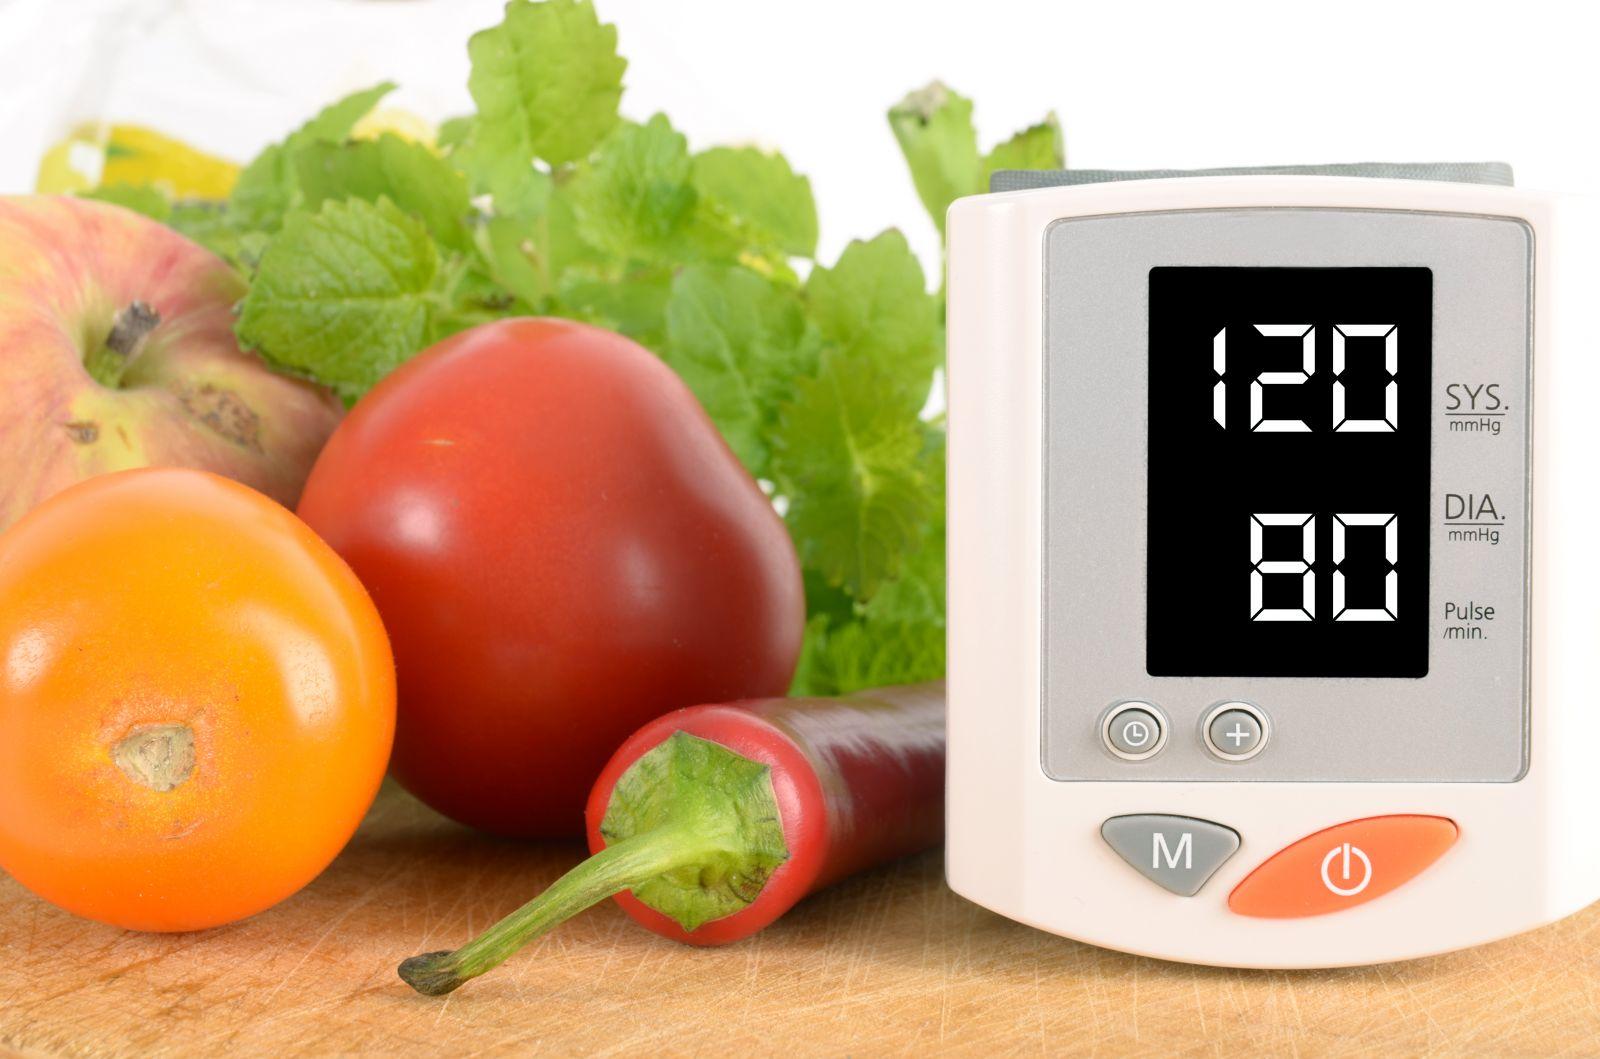 60 éves férfi magas vérnyomás cukorbetegség magas vérnyomás látása